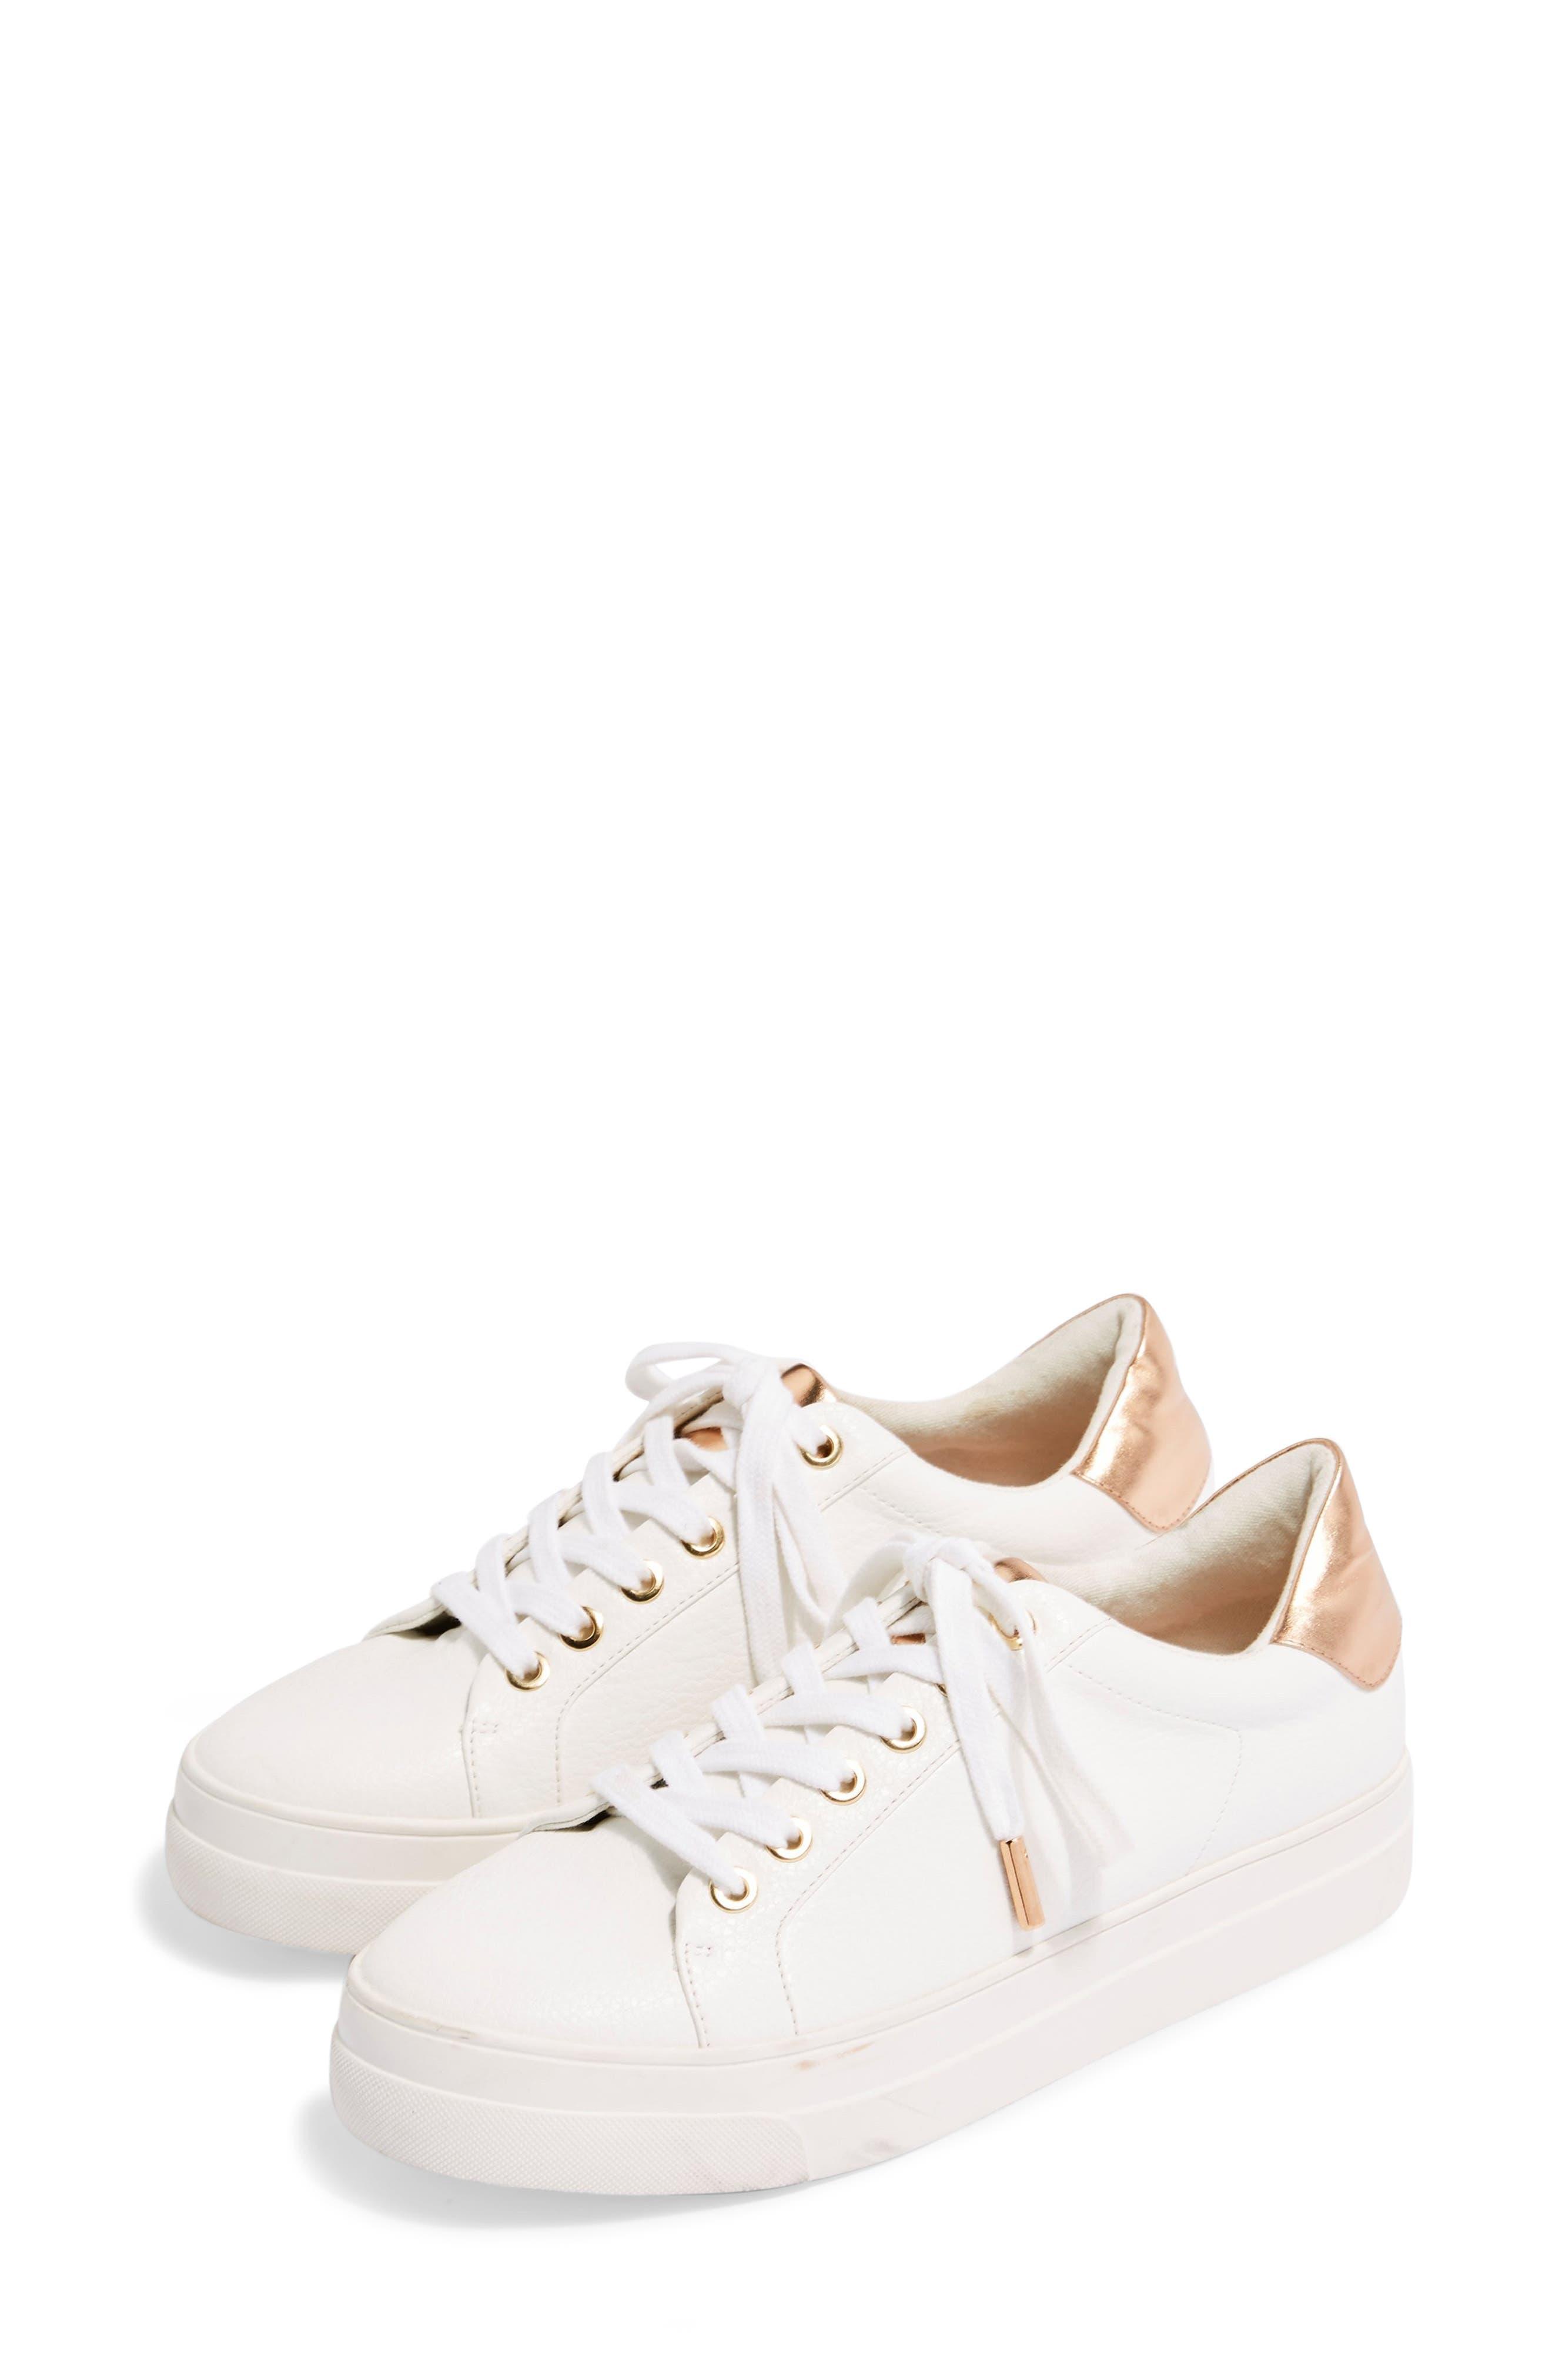 0a96afdaf28 Topshop Candy Platform Sneaker - Metallic